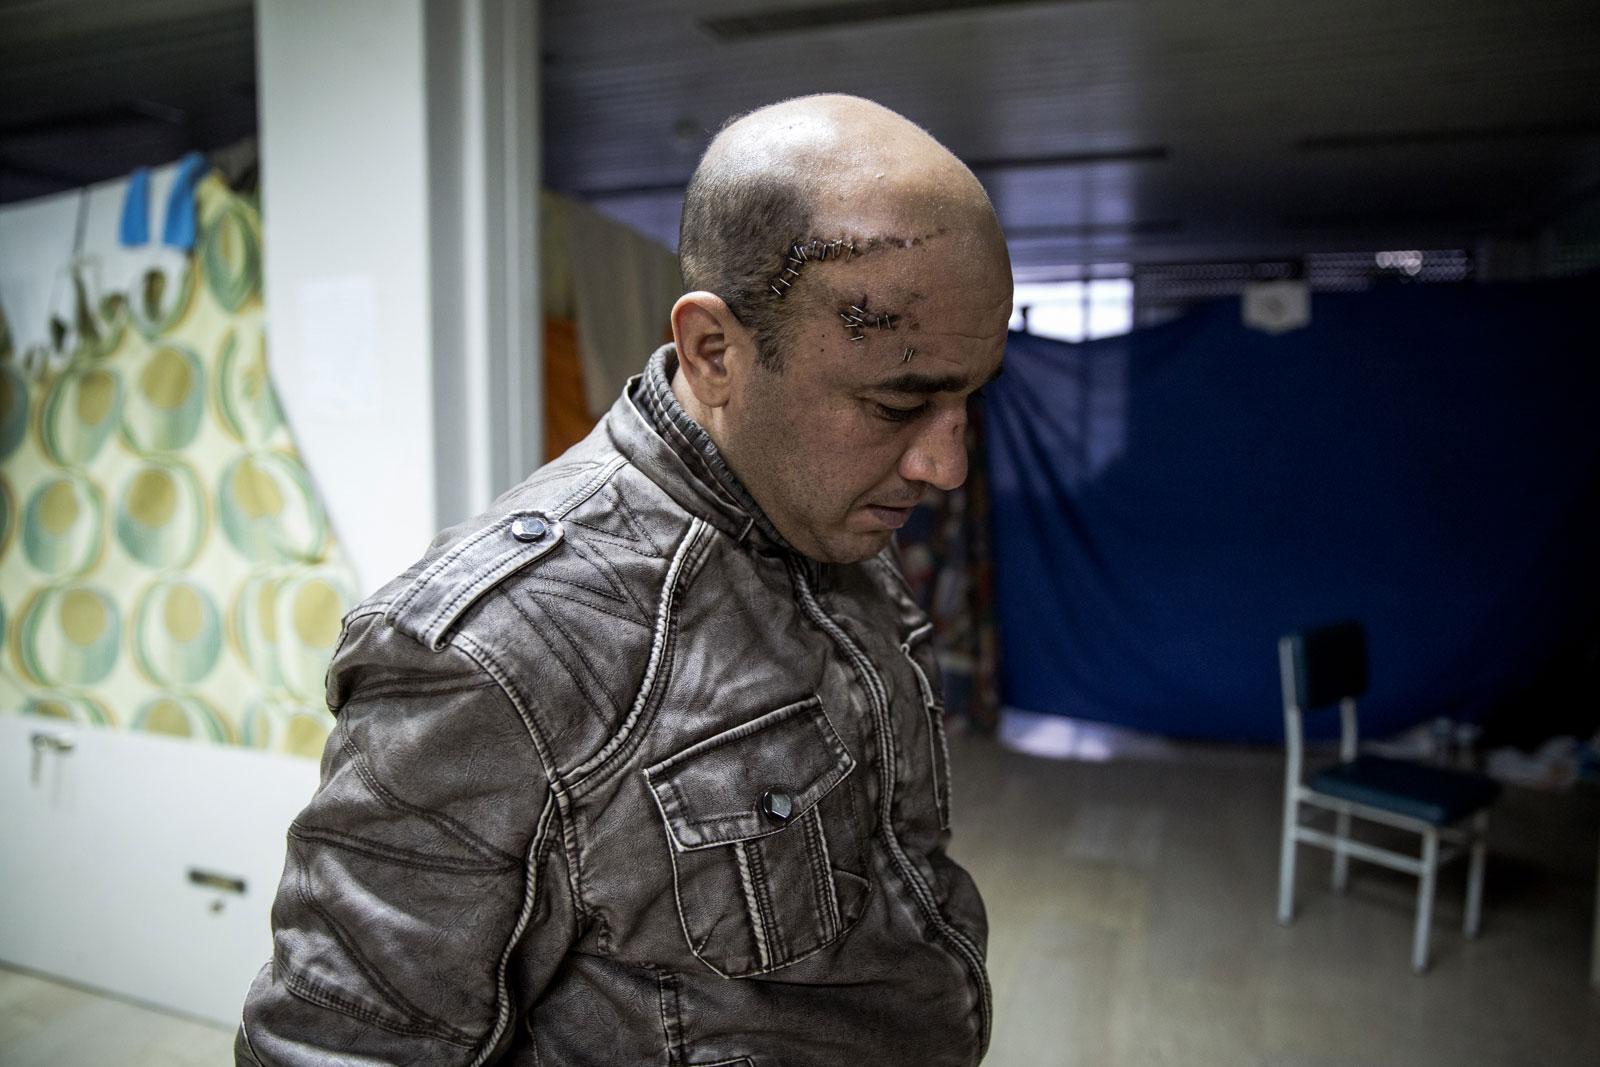 """Nabi Ab Almazi, dari Aljazair, diserang oleh lima orang di Yunani. Riwayat medisnya, yang diterbitkan di Idomeni, menyatakan 'Riwayat: dipukuli oleh """"ekstrimis"""", lupa detail kejadiannya."""""""